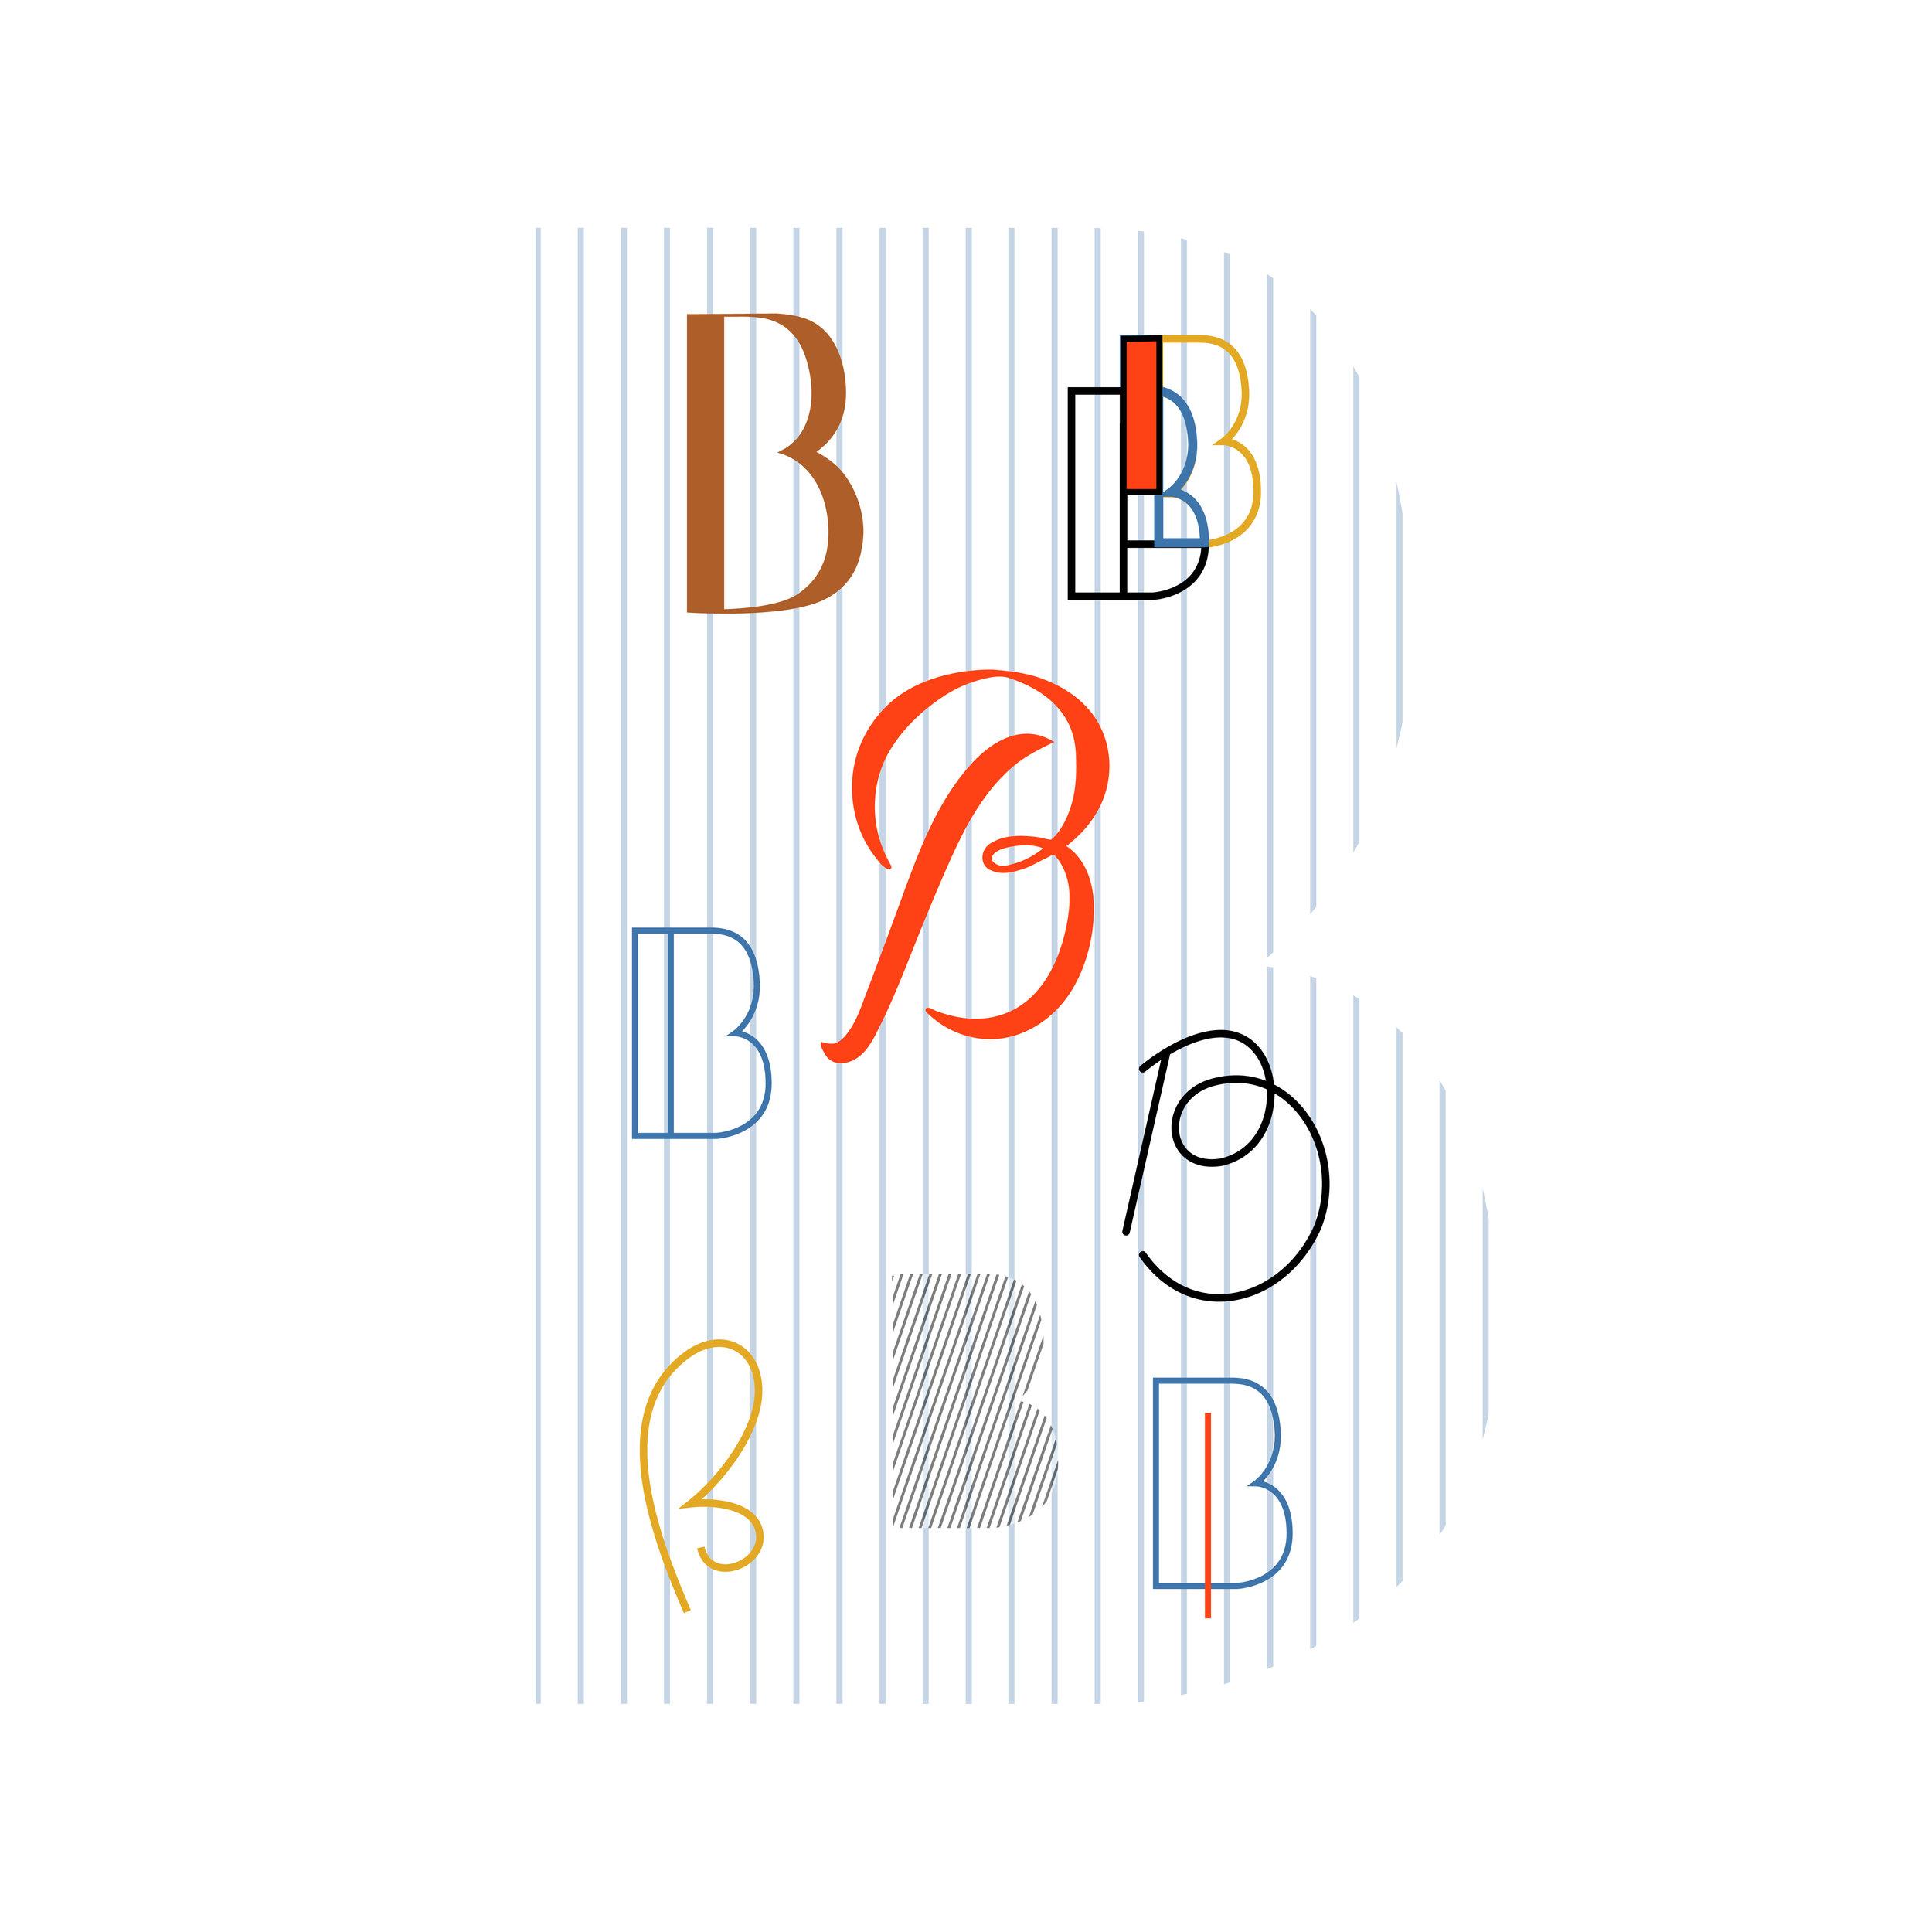 The_letter_B-01.jpg